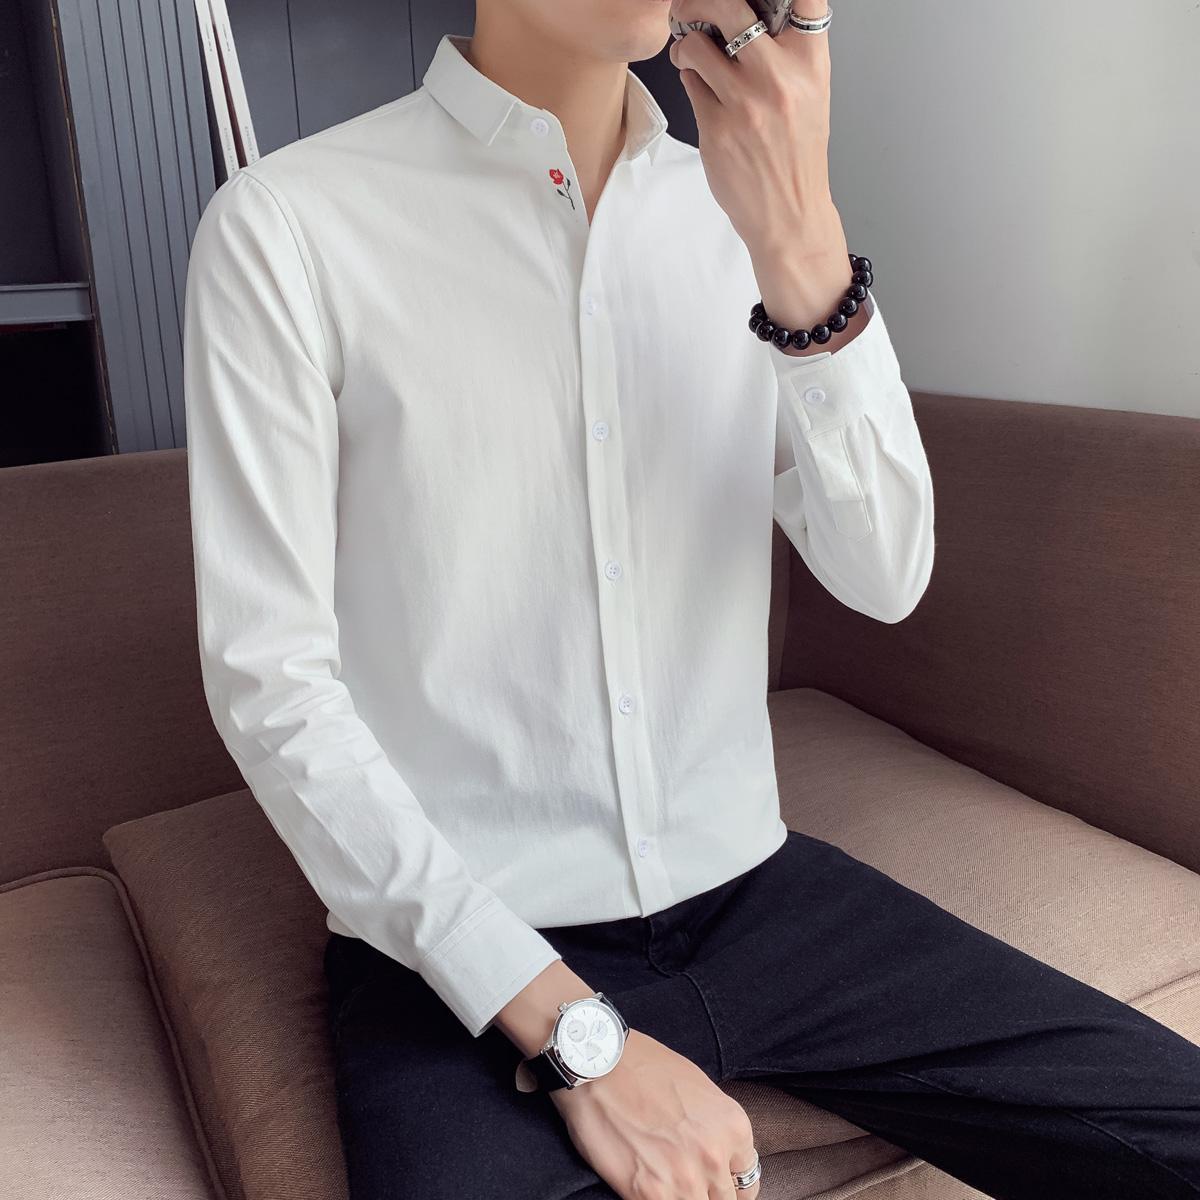 爆款推荐 品质好  长袖衬衫男修身韩版英伦风衬衣 B413-DJ456P45